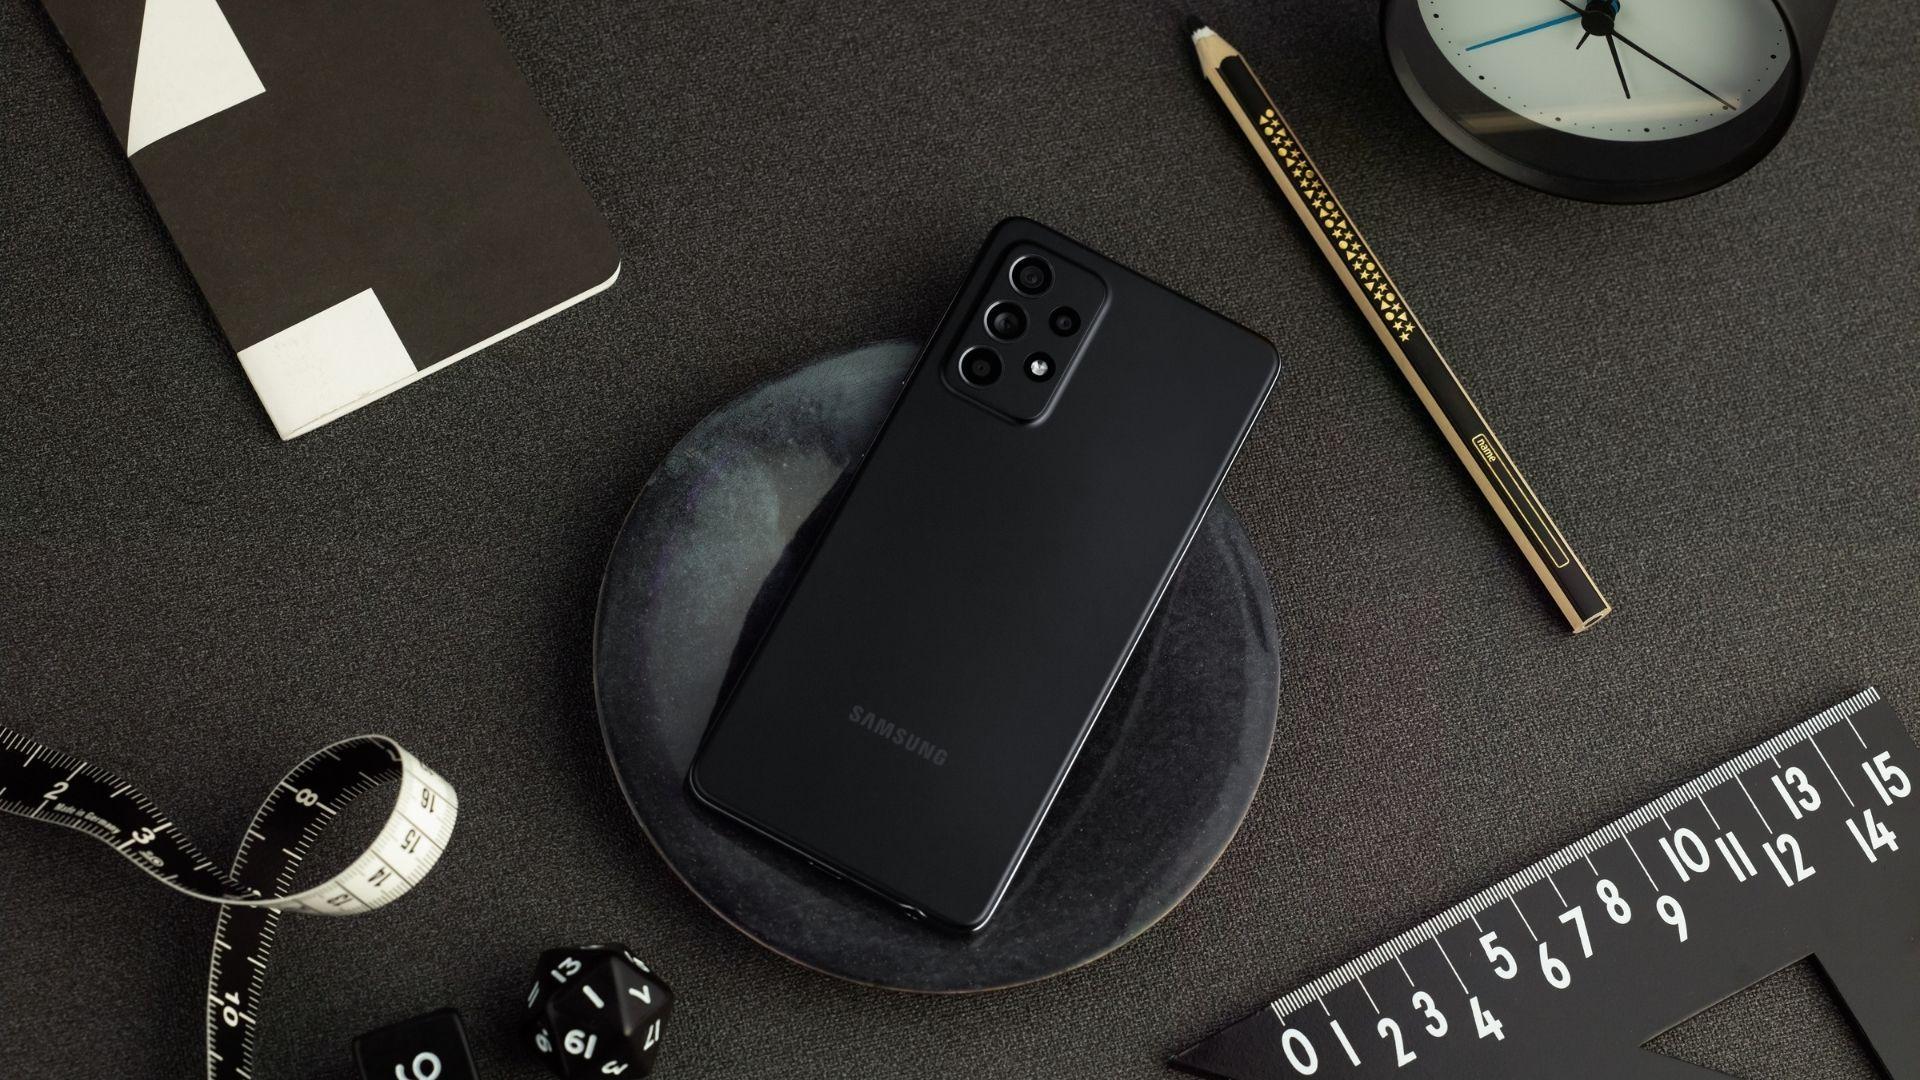 Novos Galaxy A vêm com Samsung Knox para maior segurança (Foto: Divulgação/Samsung)